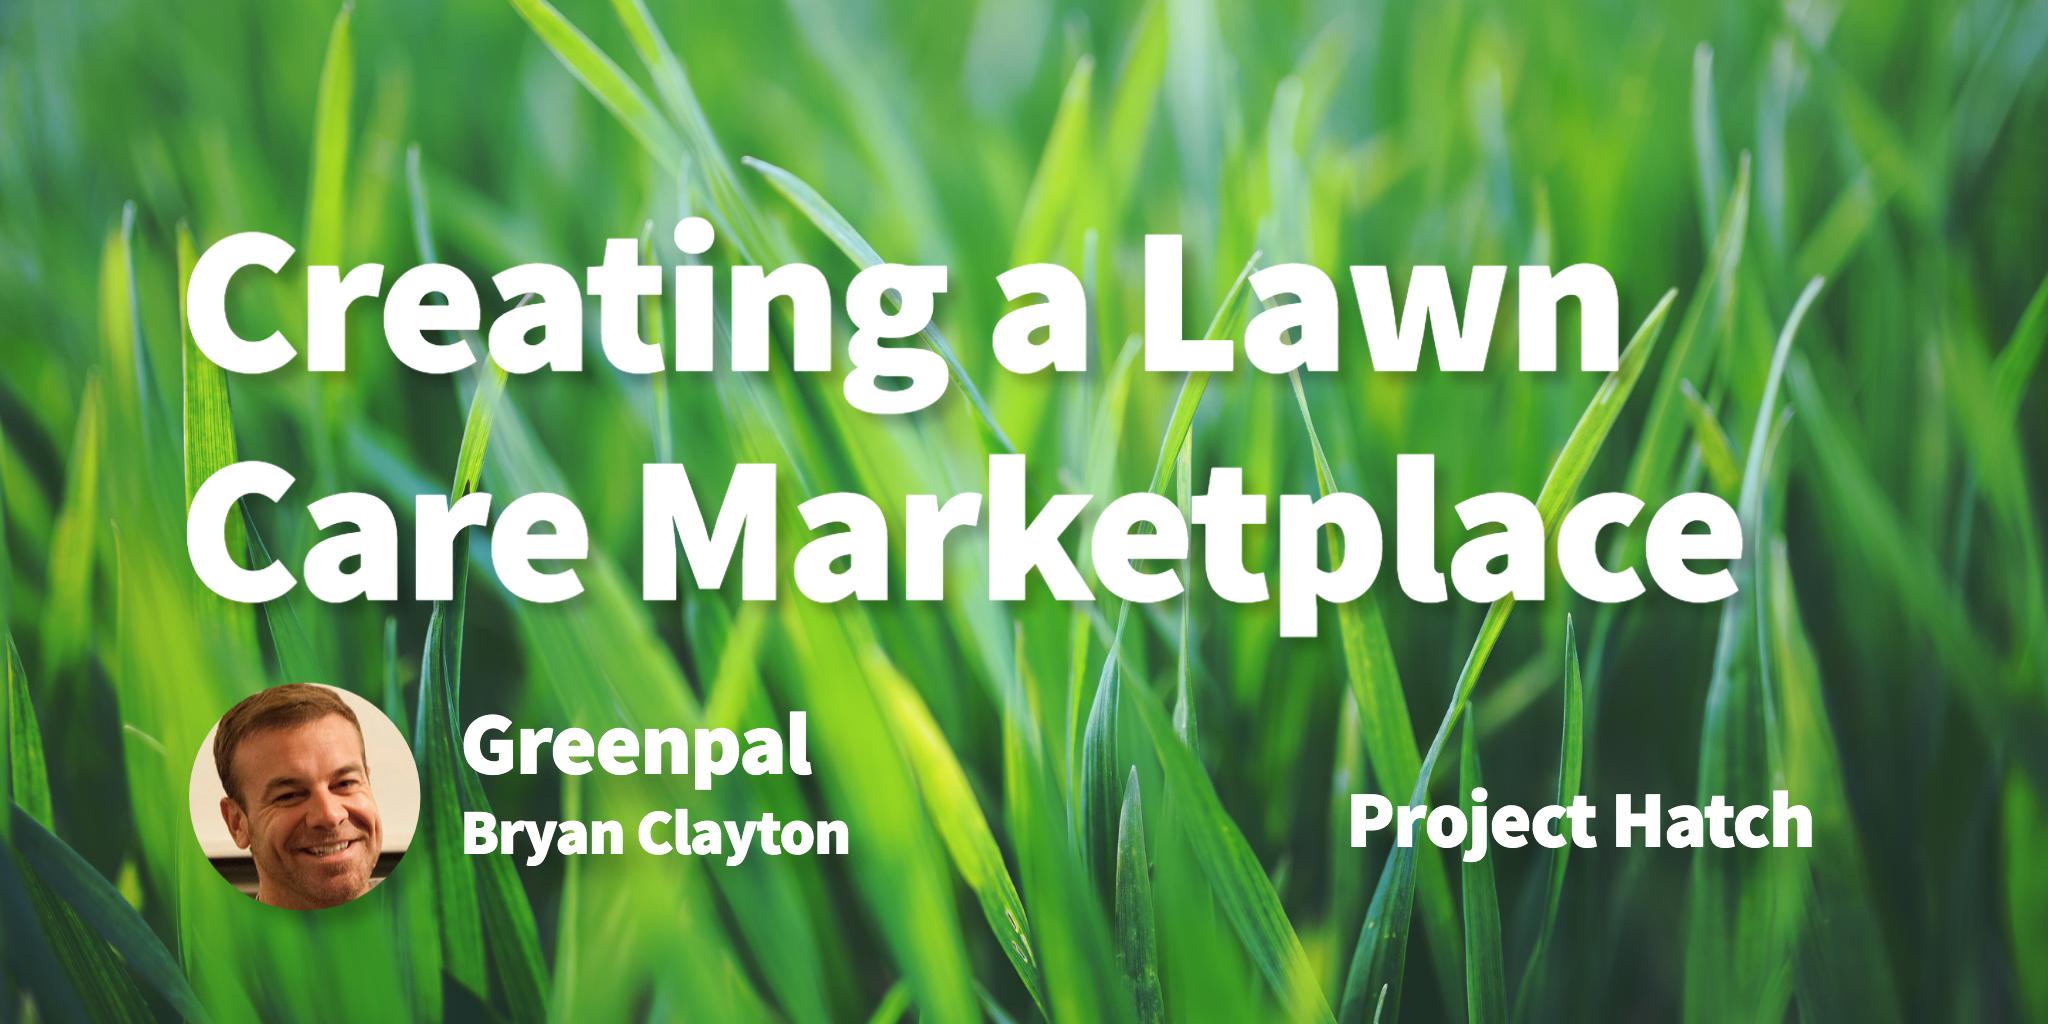 Greenpal Bryan Clayton